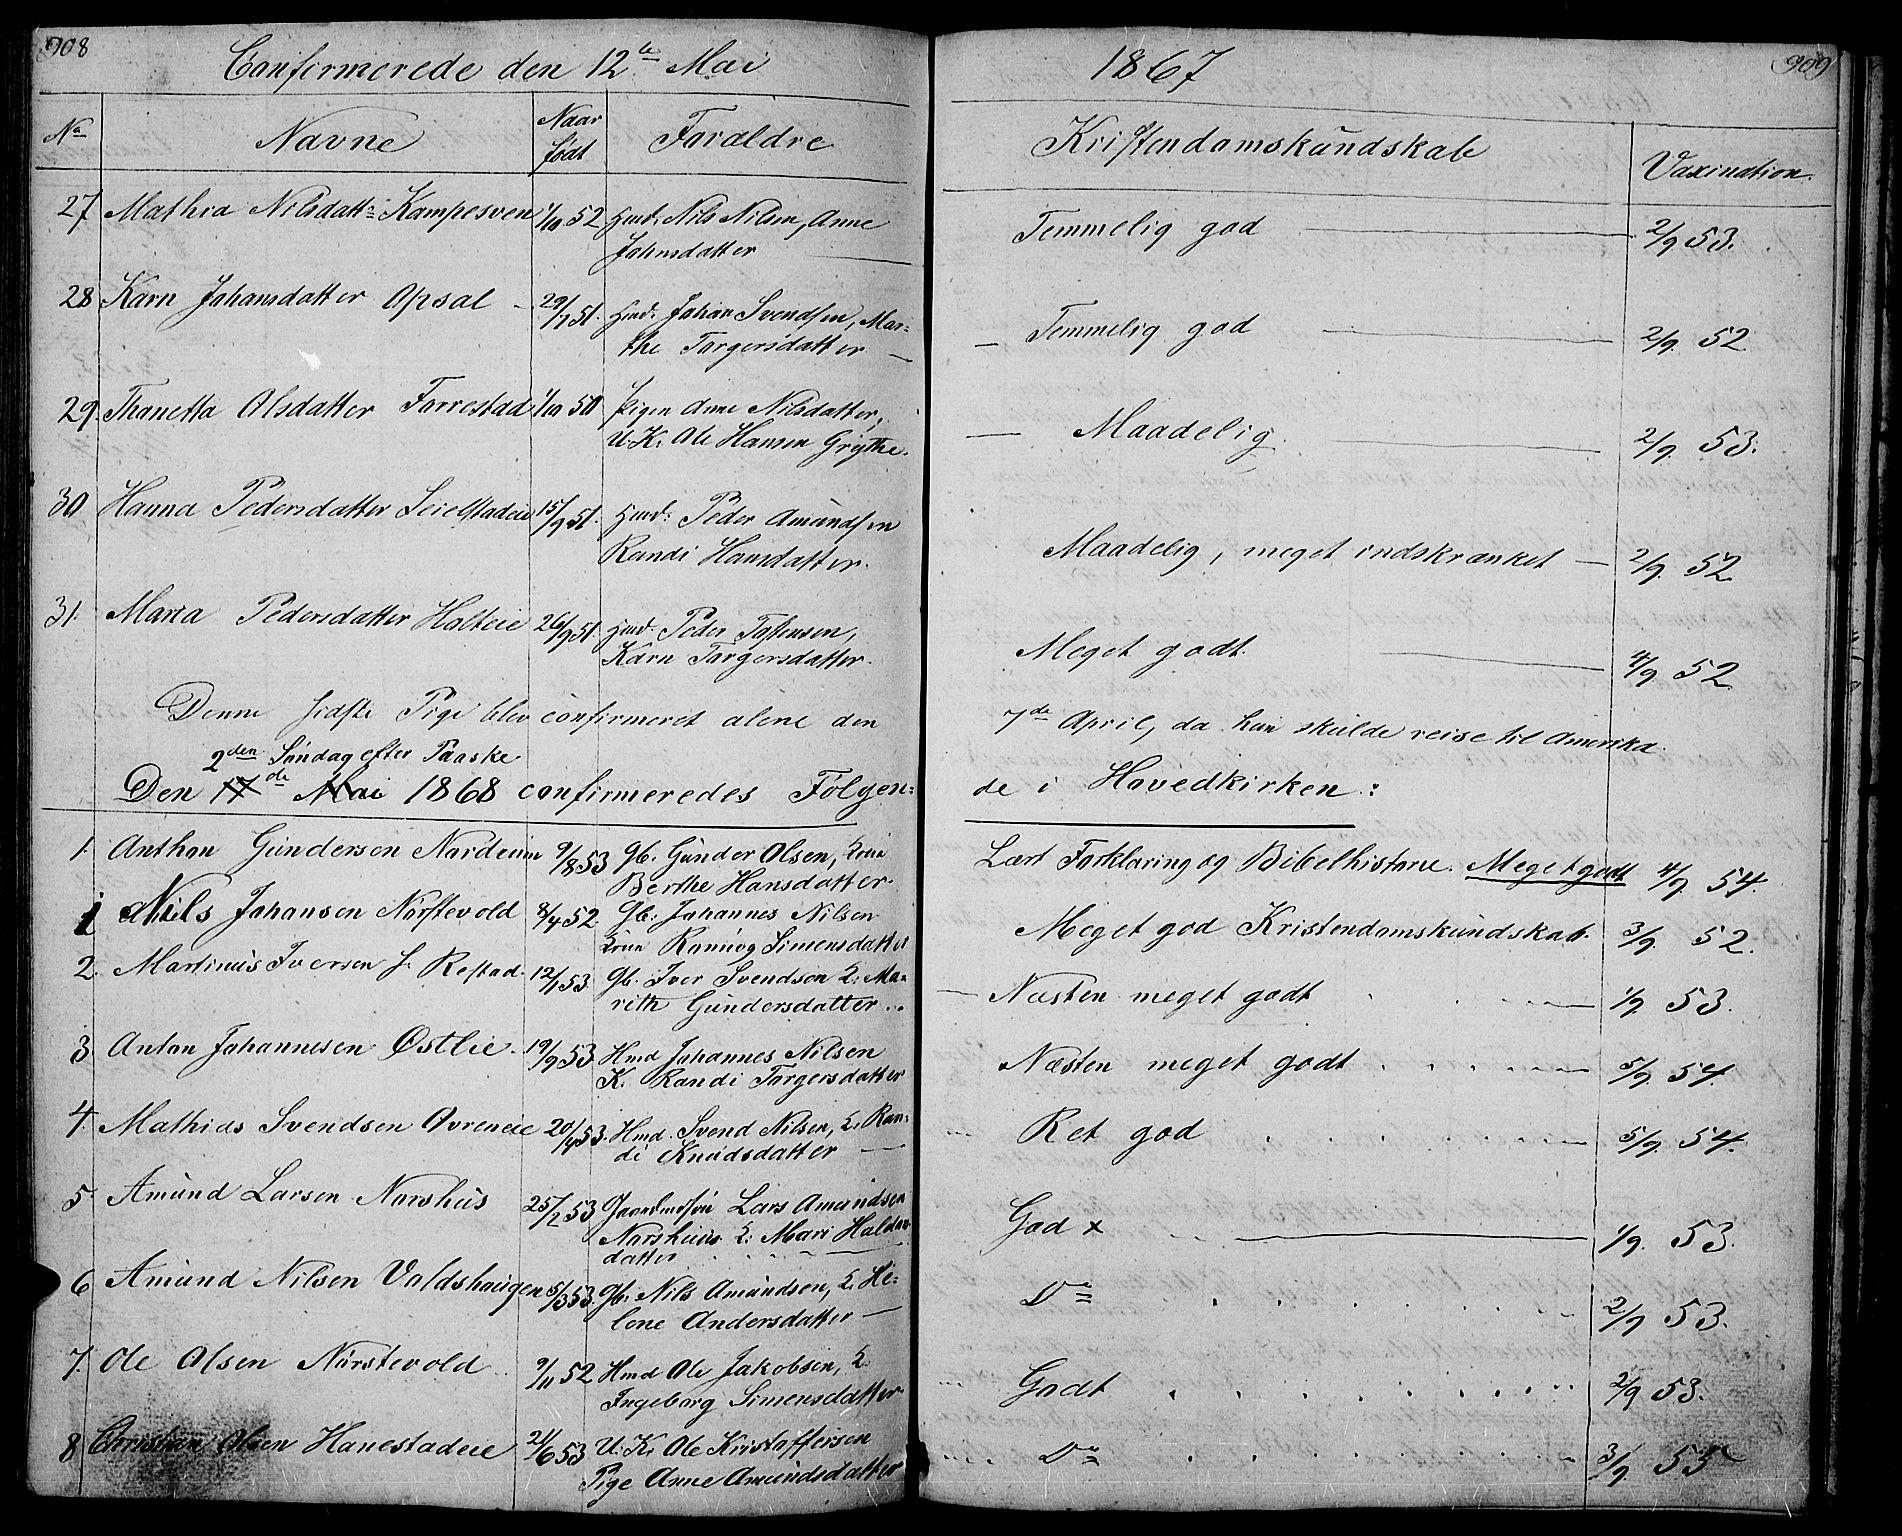 SAH, Gausdal prestekontor, Klokkerbok nr. 4, 1835-1870, s. 908-909